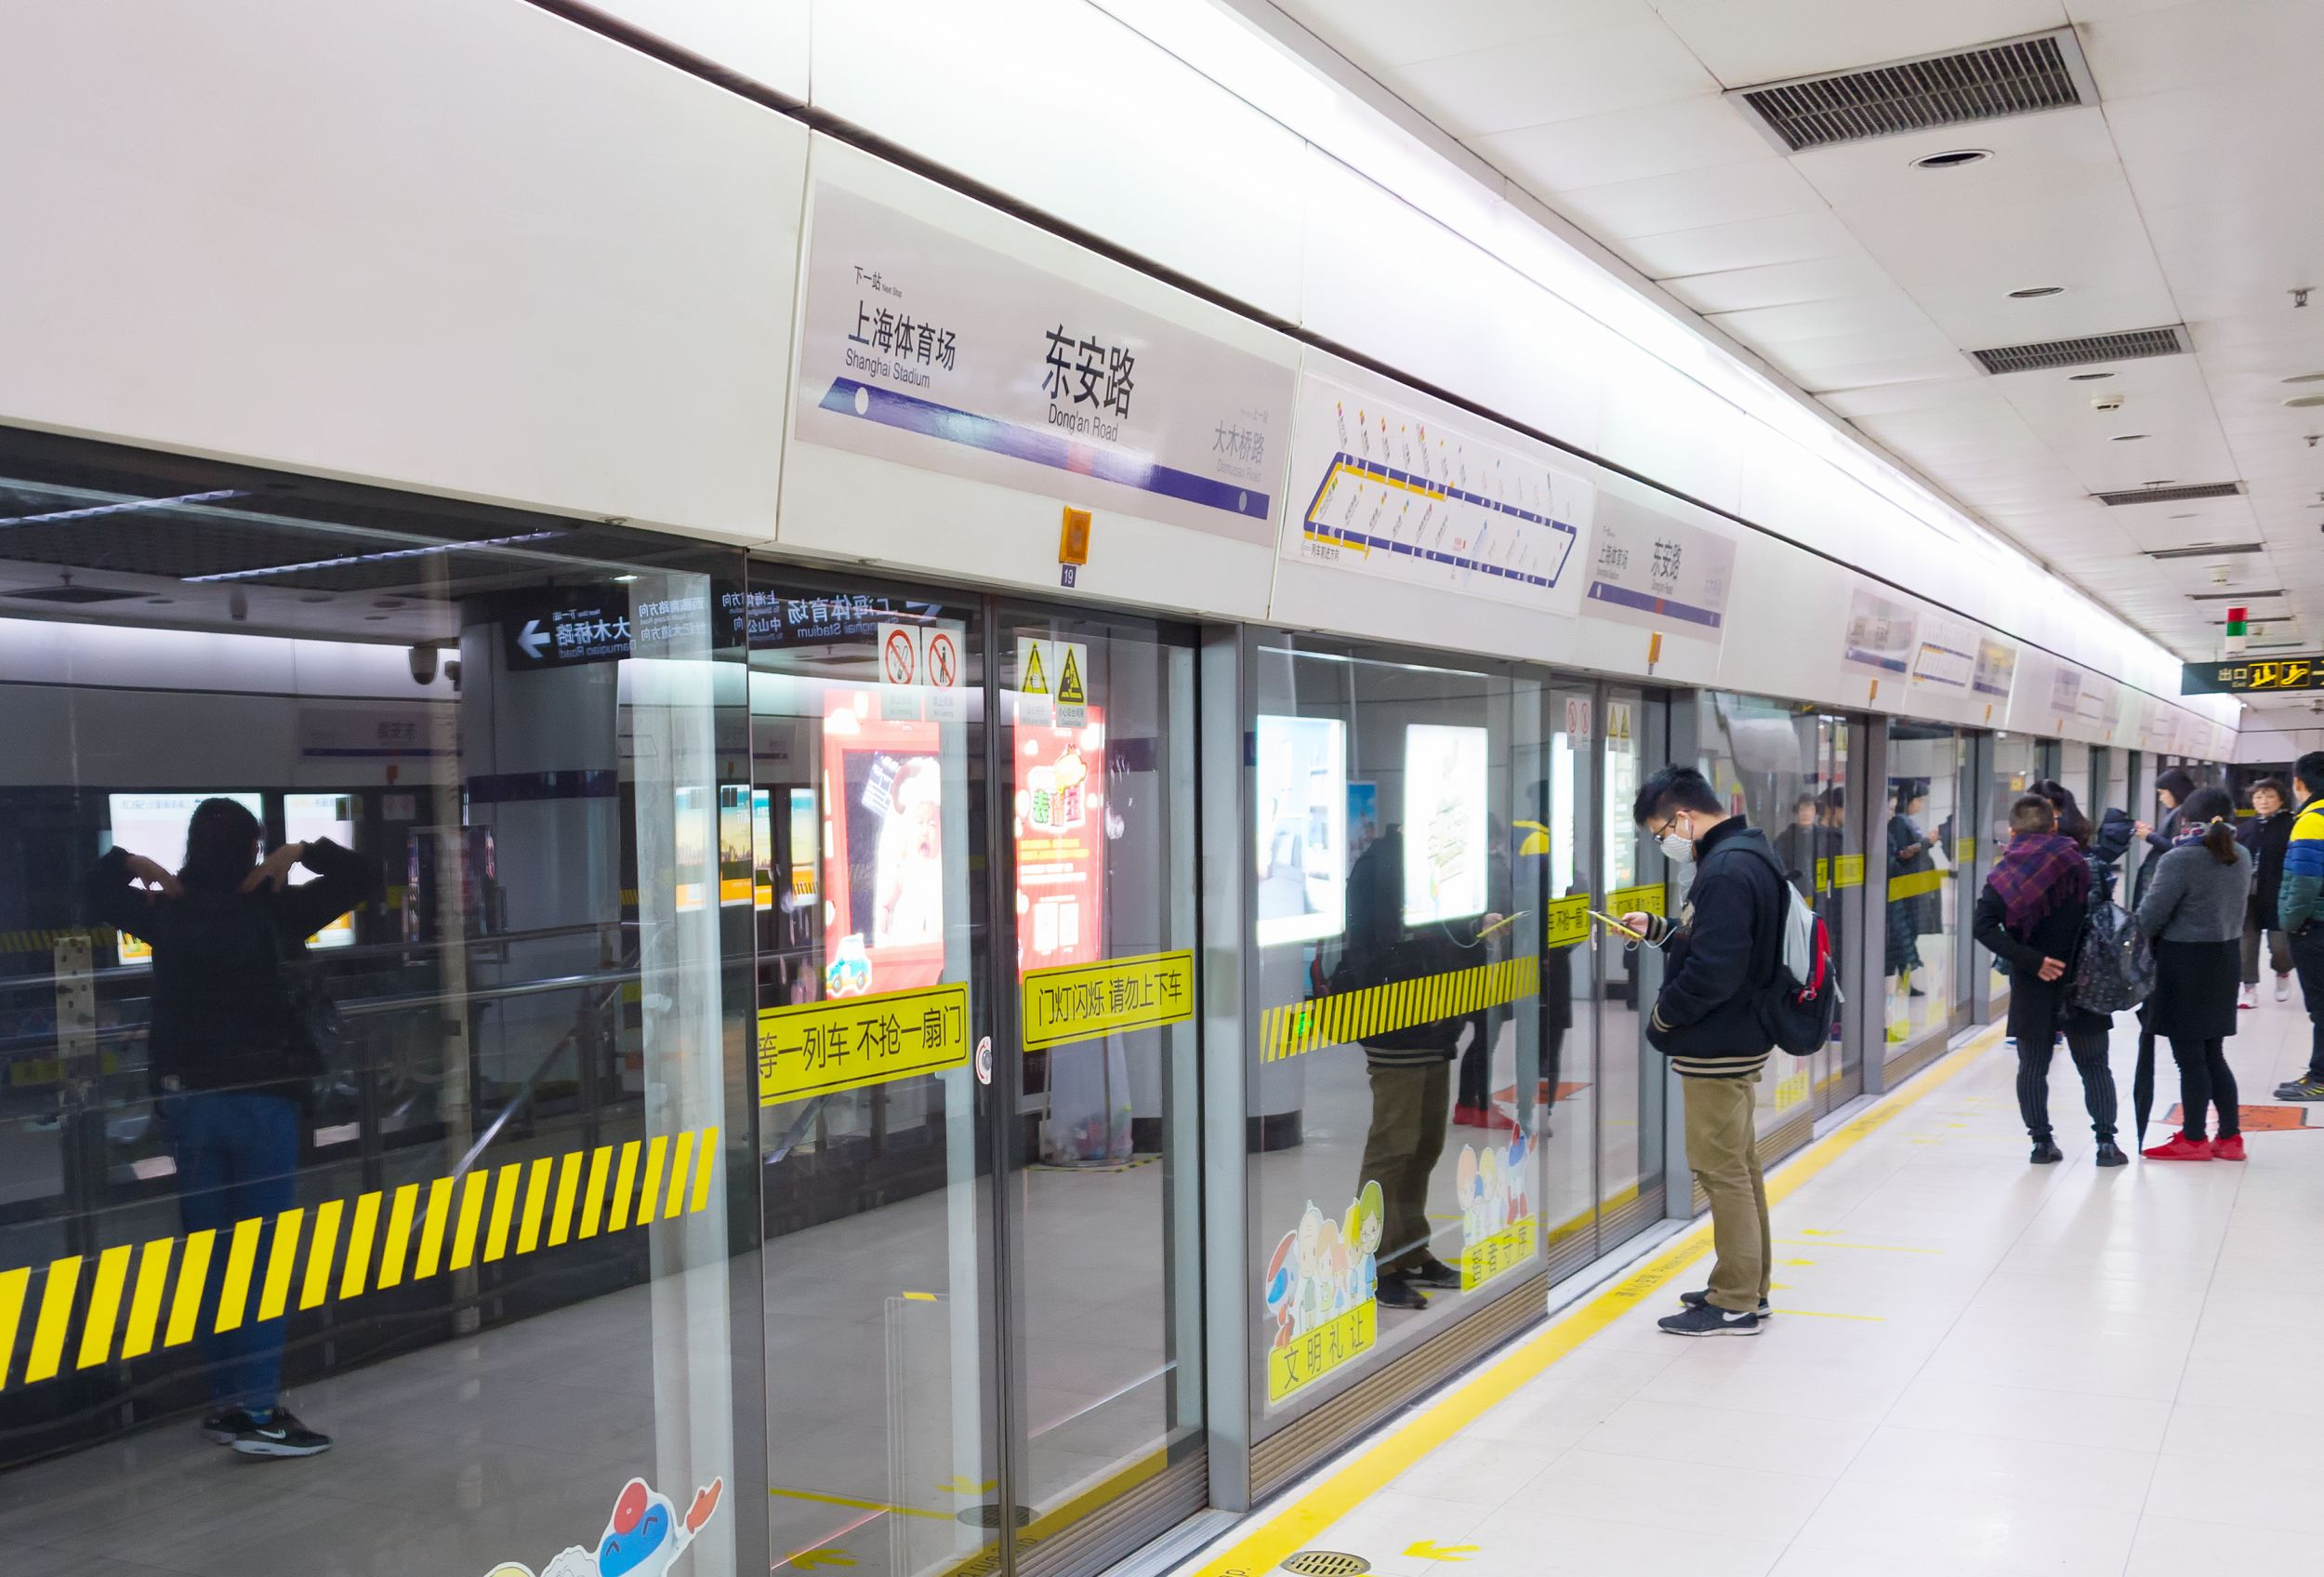 Sicherer Zustieg in Shanghais Linie 13